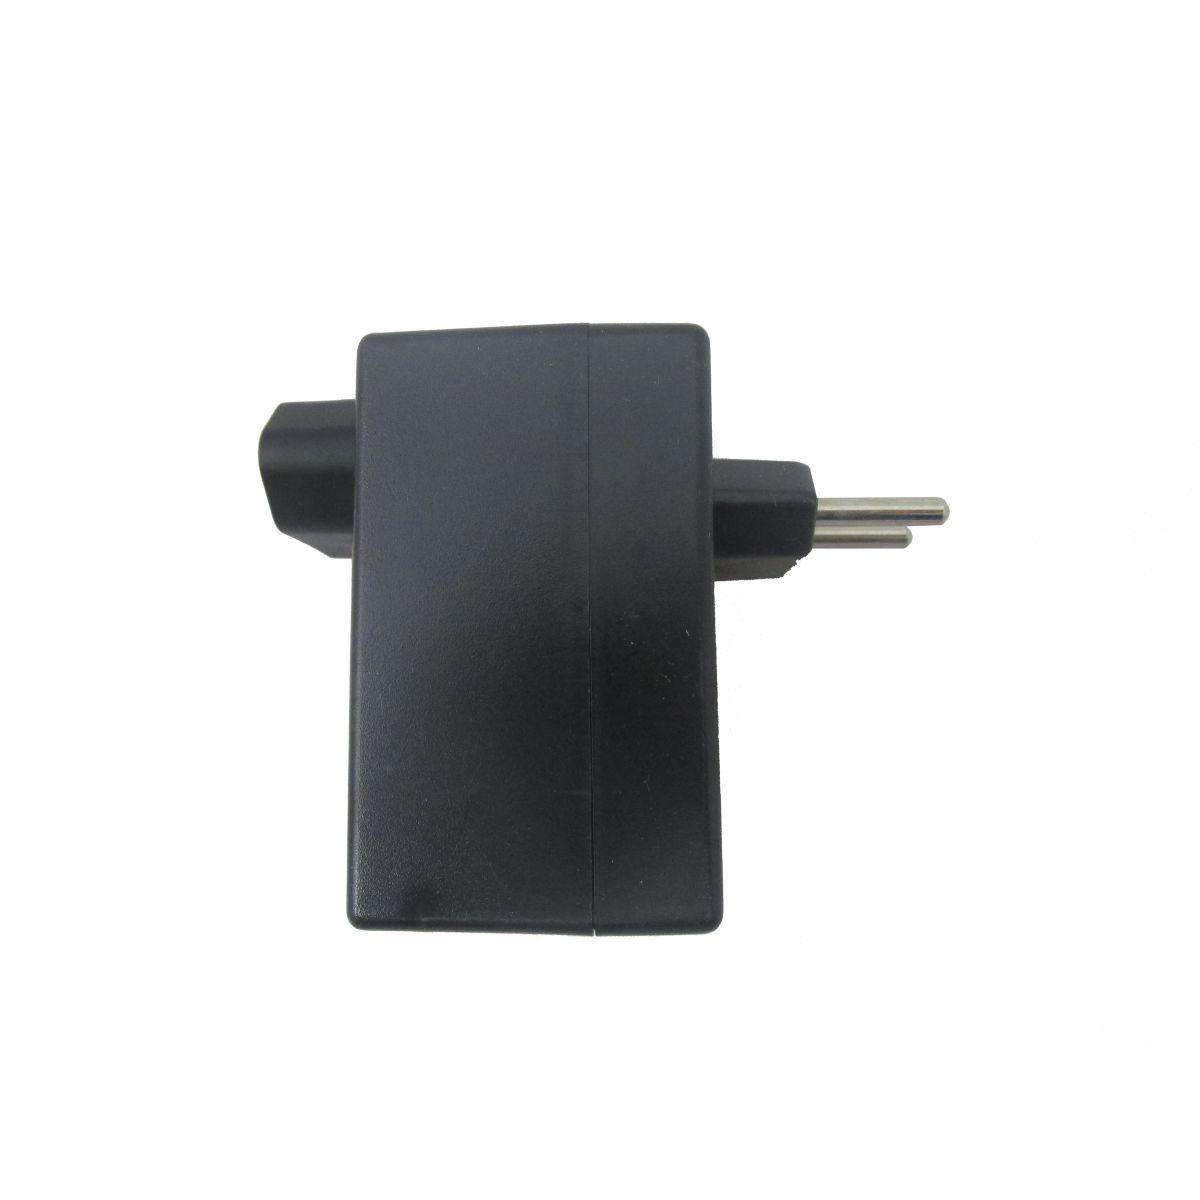 Conversor de Voltagem Multicraft 60 Va Converte Tomada 110v para 220v